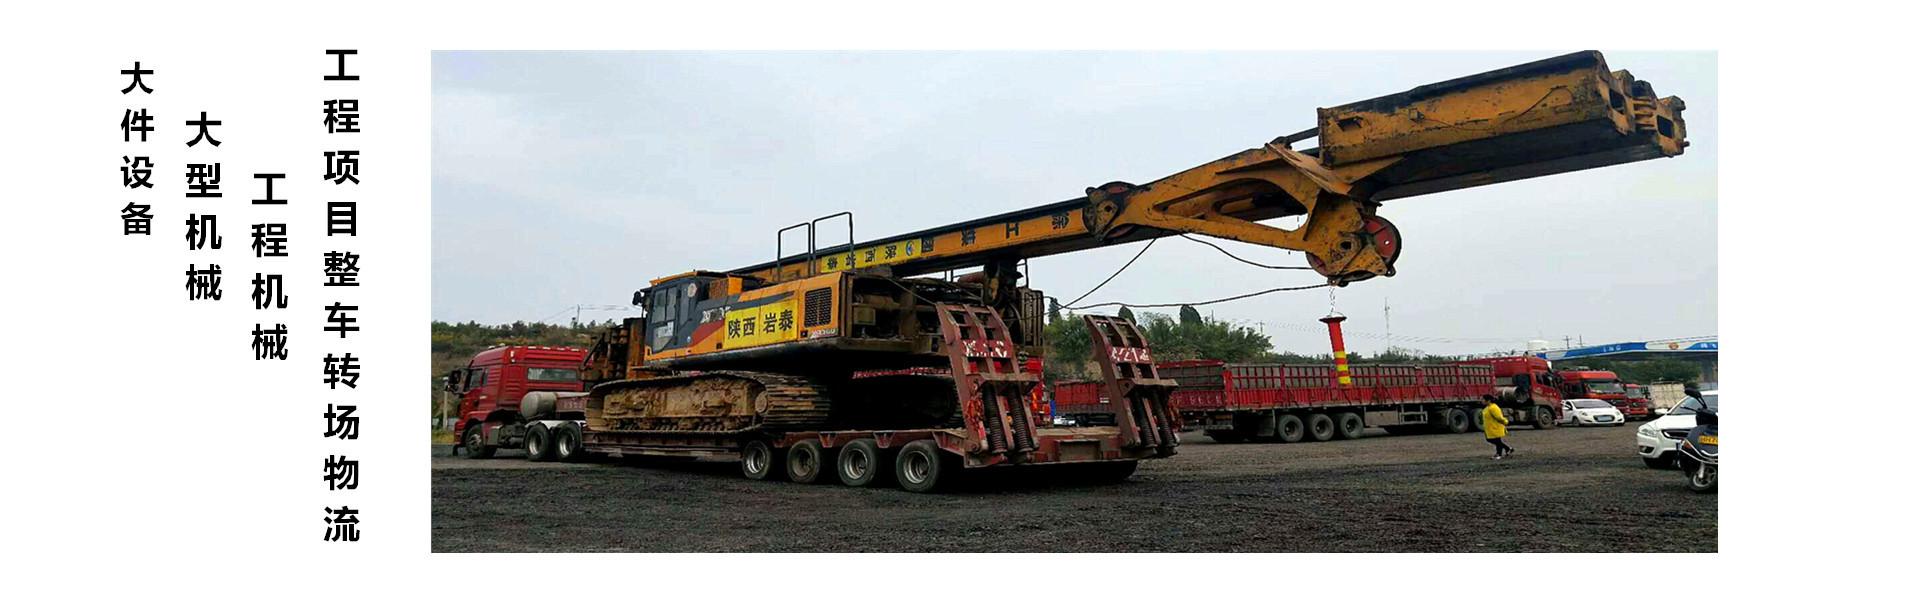 大型机械,工程机械运输